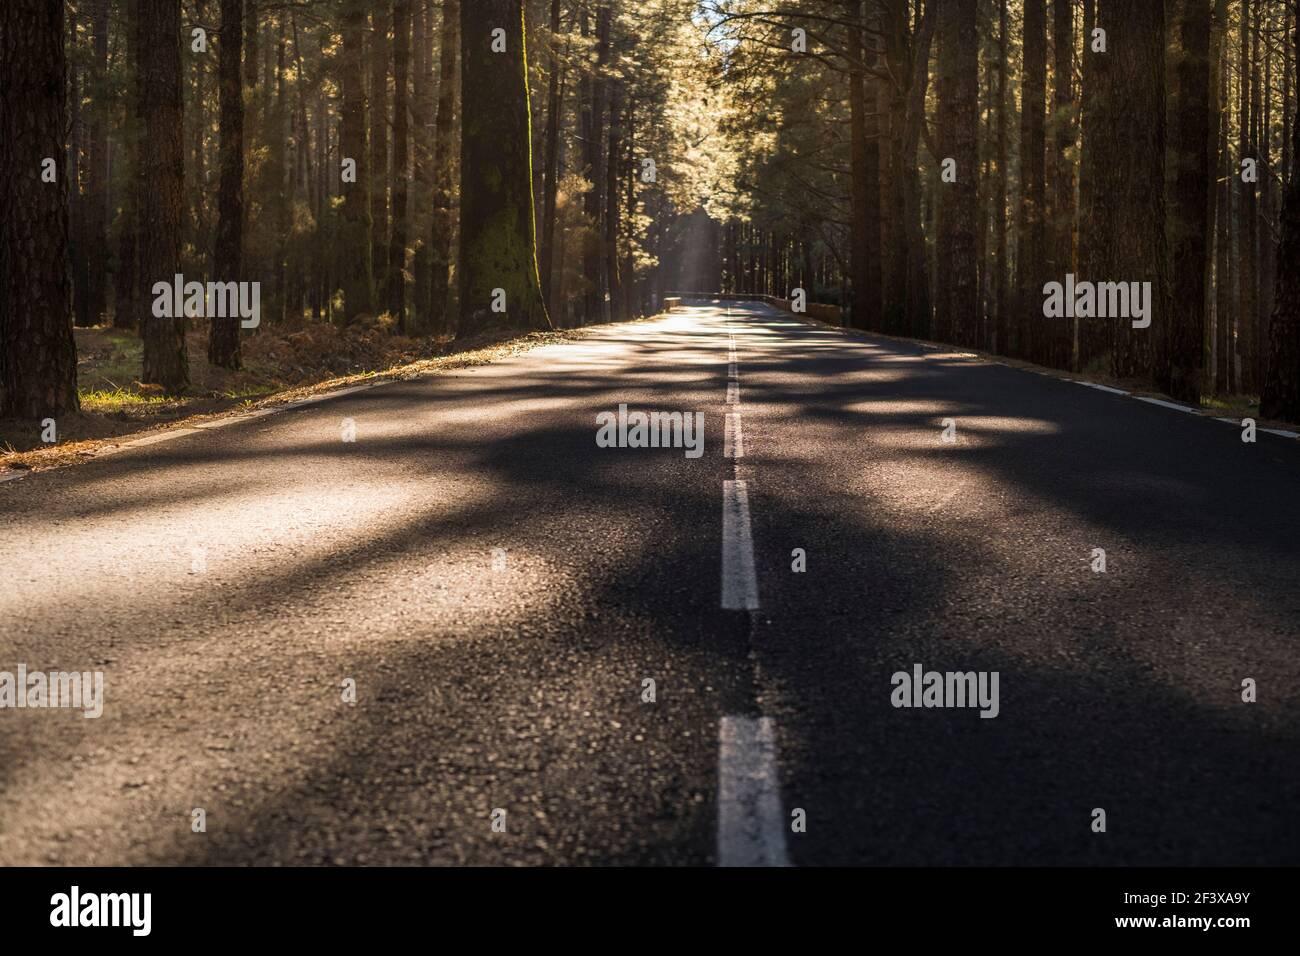 Rue à travers les bois - une route vide calme passant à travers la forêt pleine de beaux arbres - pas de circulation et concept de transport de voyage dans le paysage natu Banque D'Images